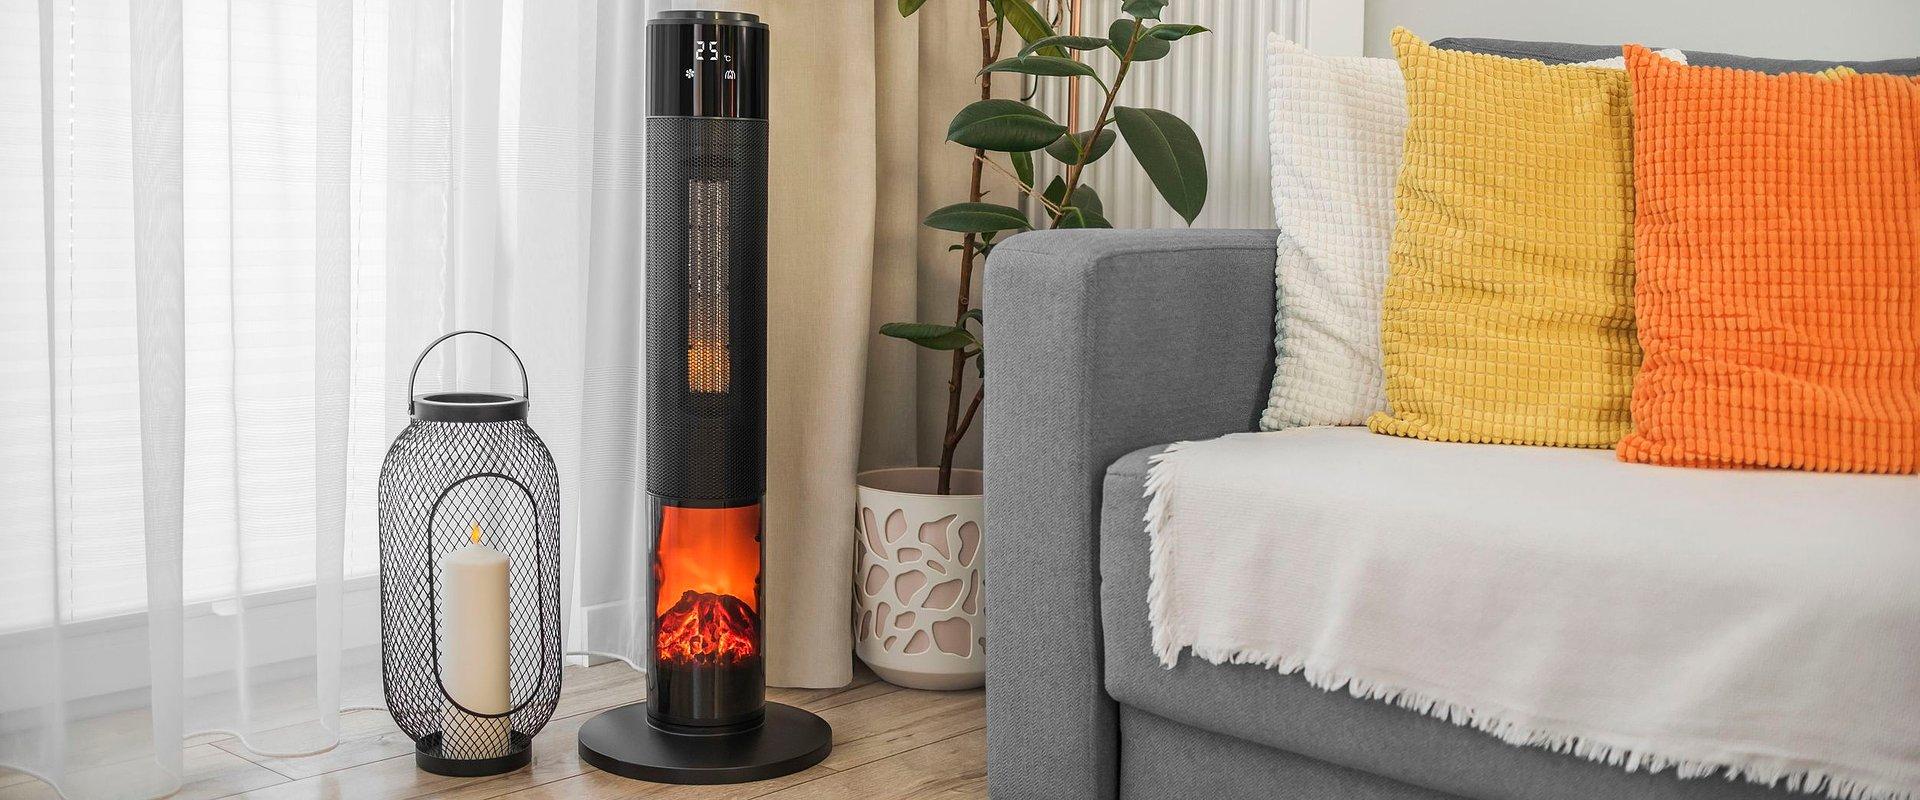 Termowentylator z funkcją imitacji kominka - ciepło i nastrojowy klimat od marki Teesa